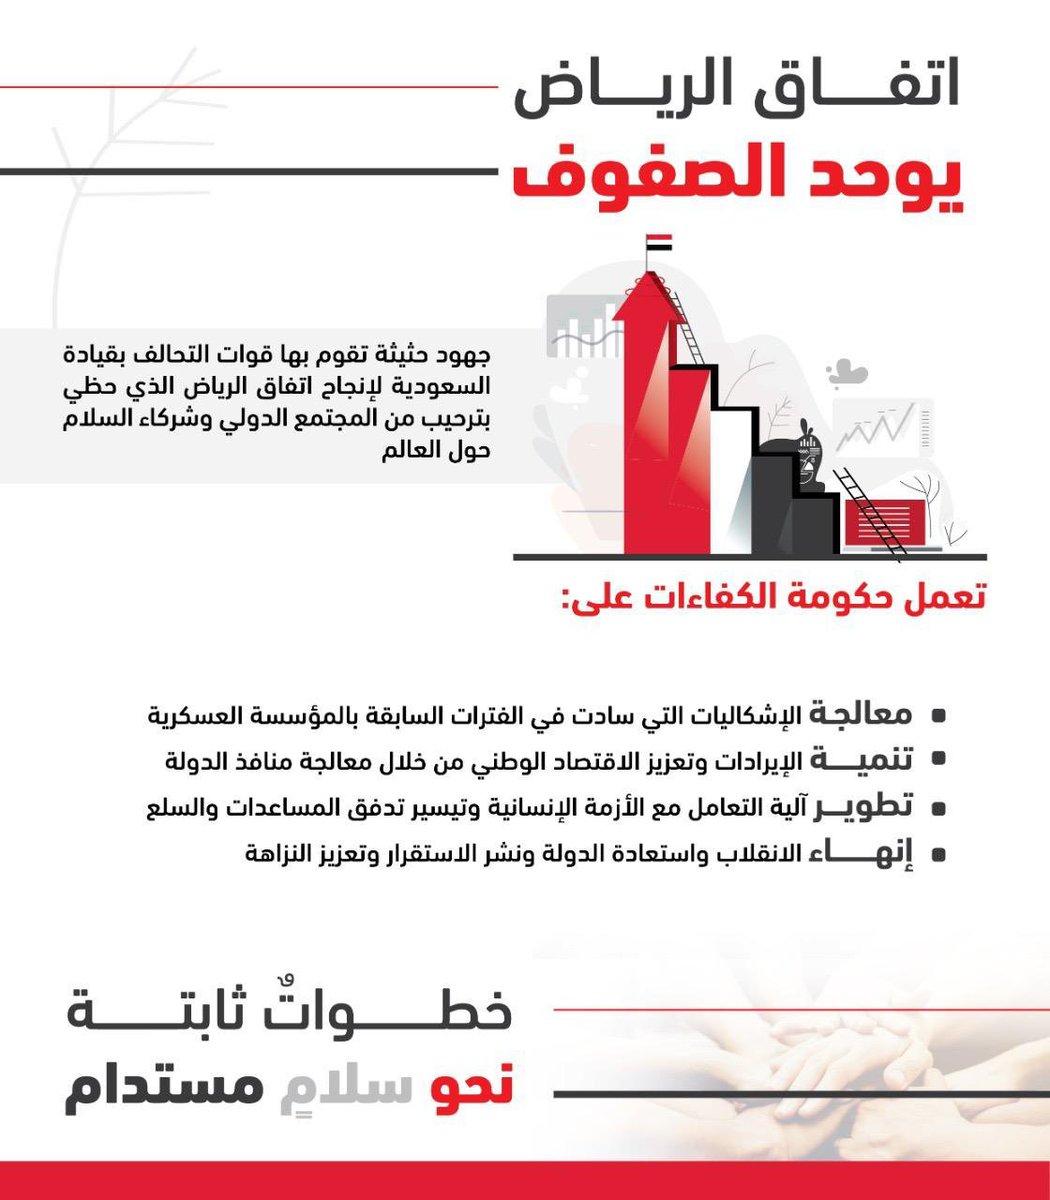 اتفاق #الرياض يوحد الصفوف.